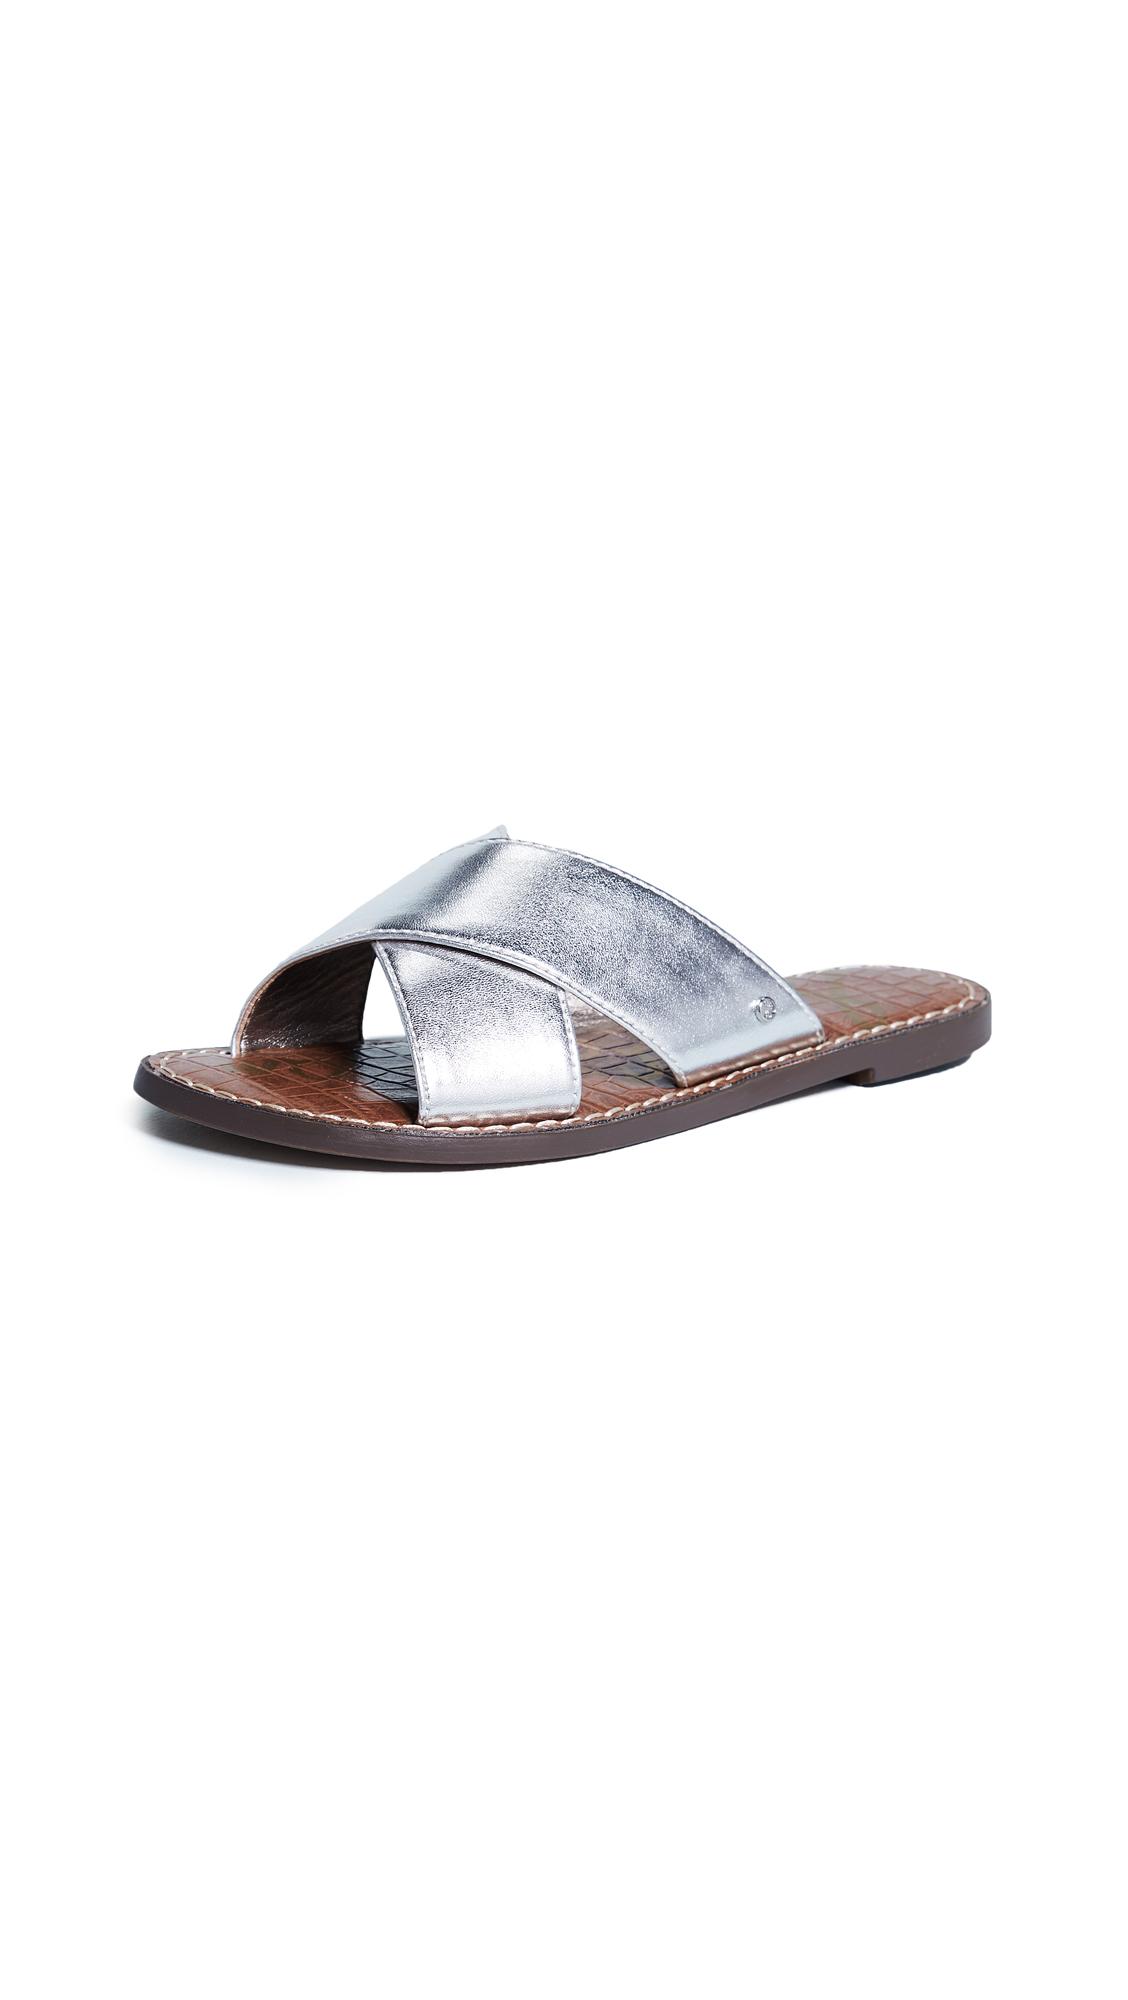 Sam Edelman Gertrude Crisscross Slides - Silver